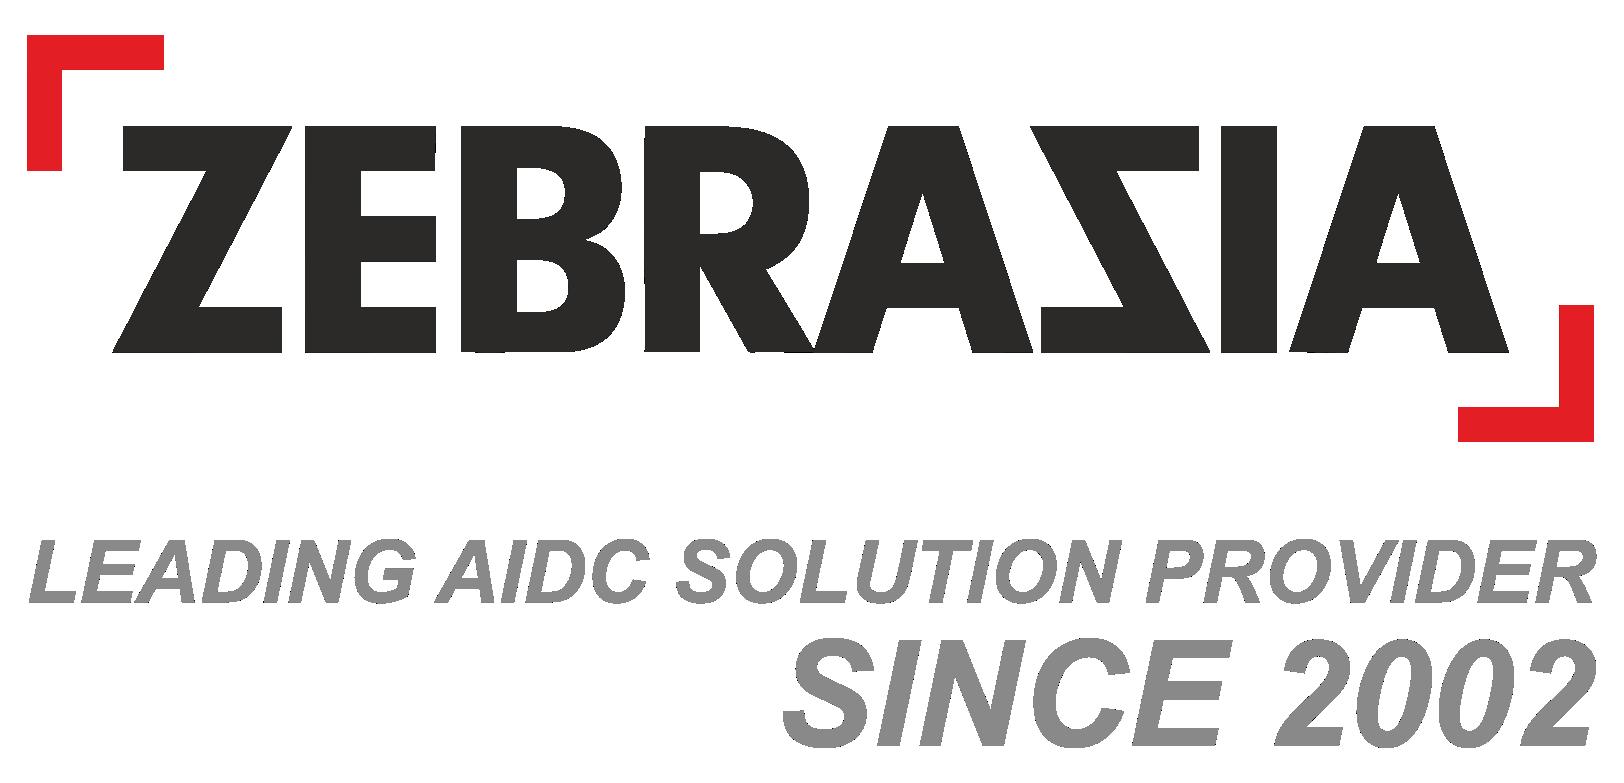 زبراسیا | شرکت سرآمد در ارائه راهکارهای شناسایی و جمعآوری خودکار دادهها